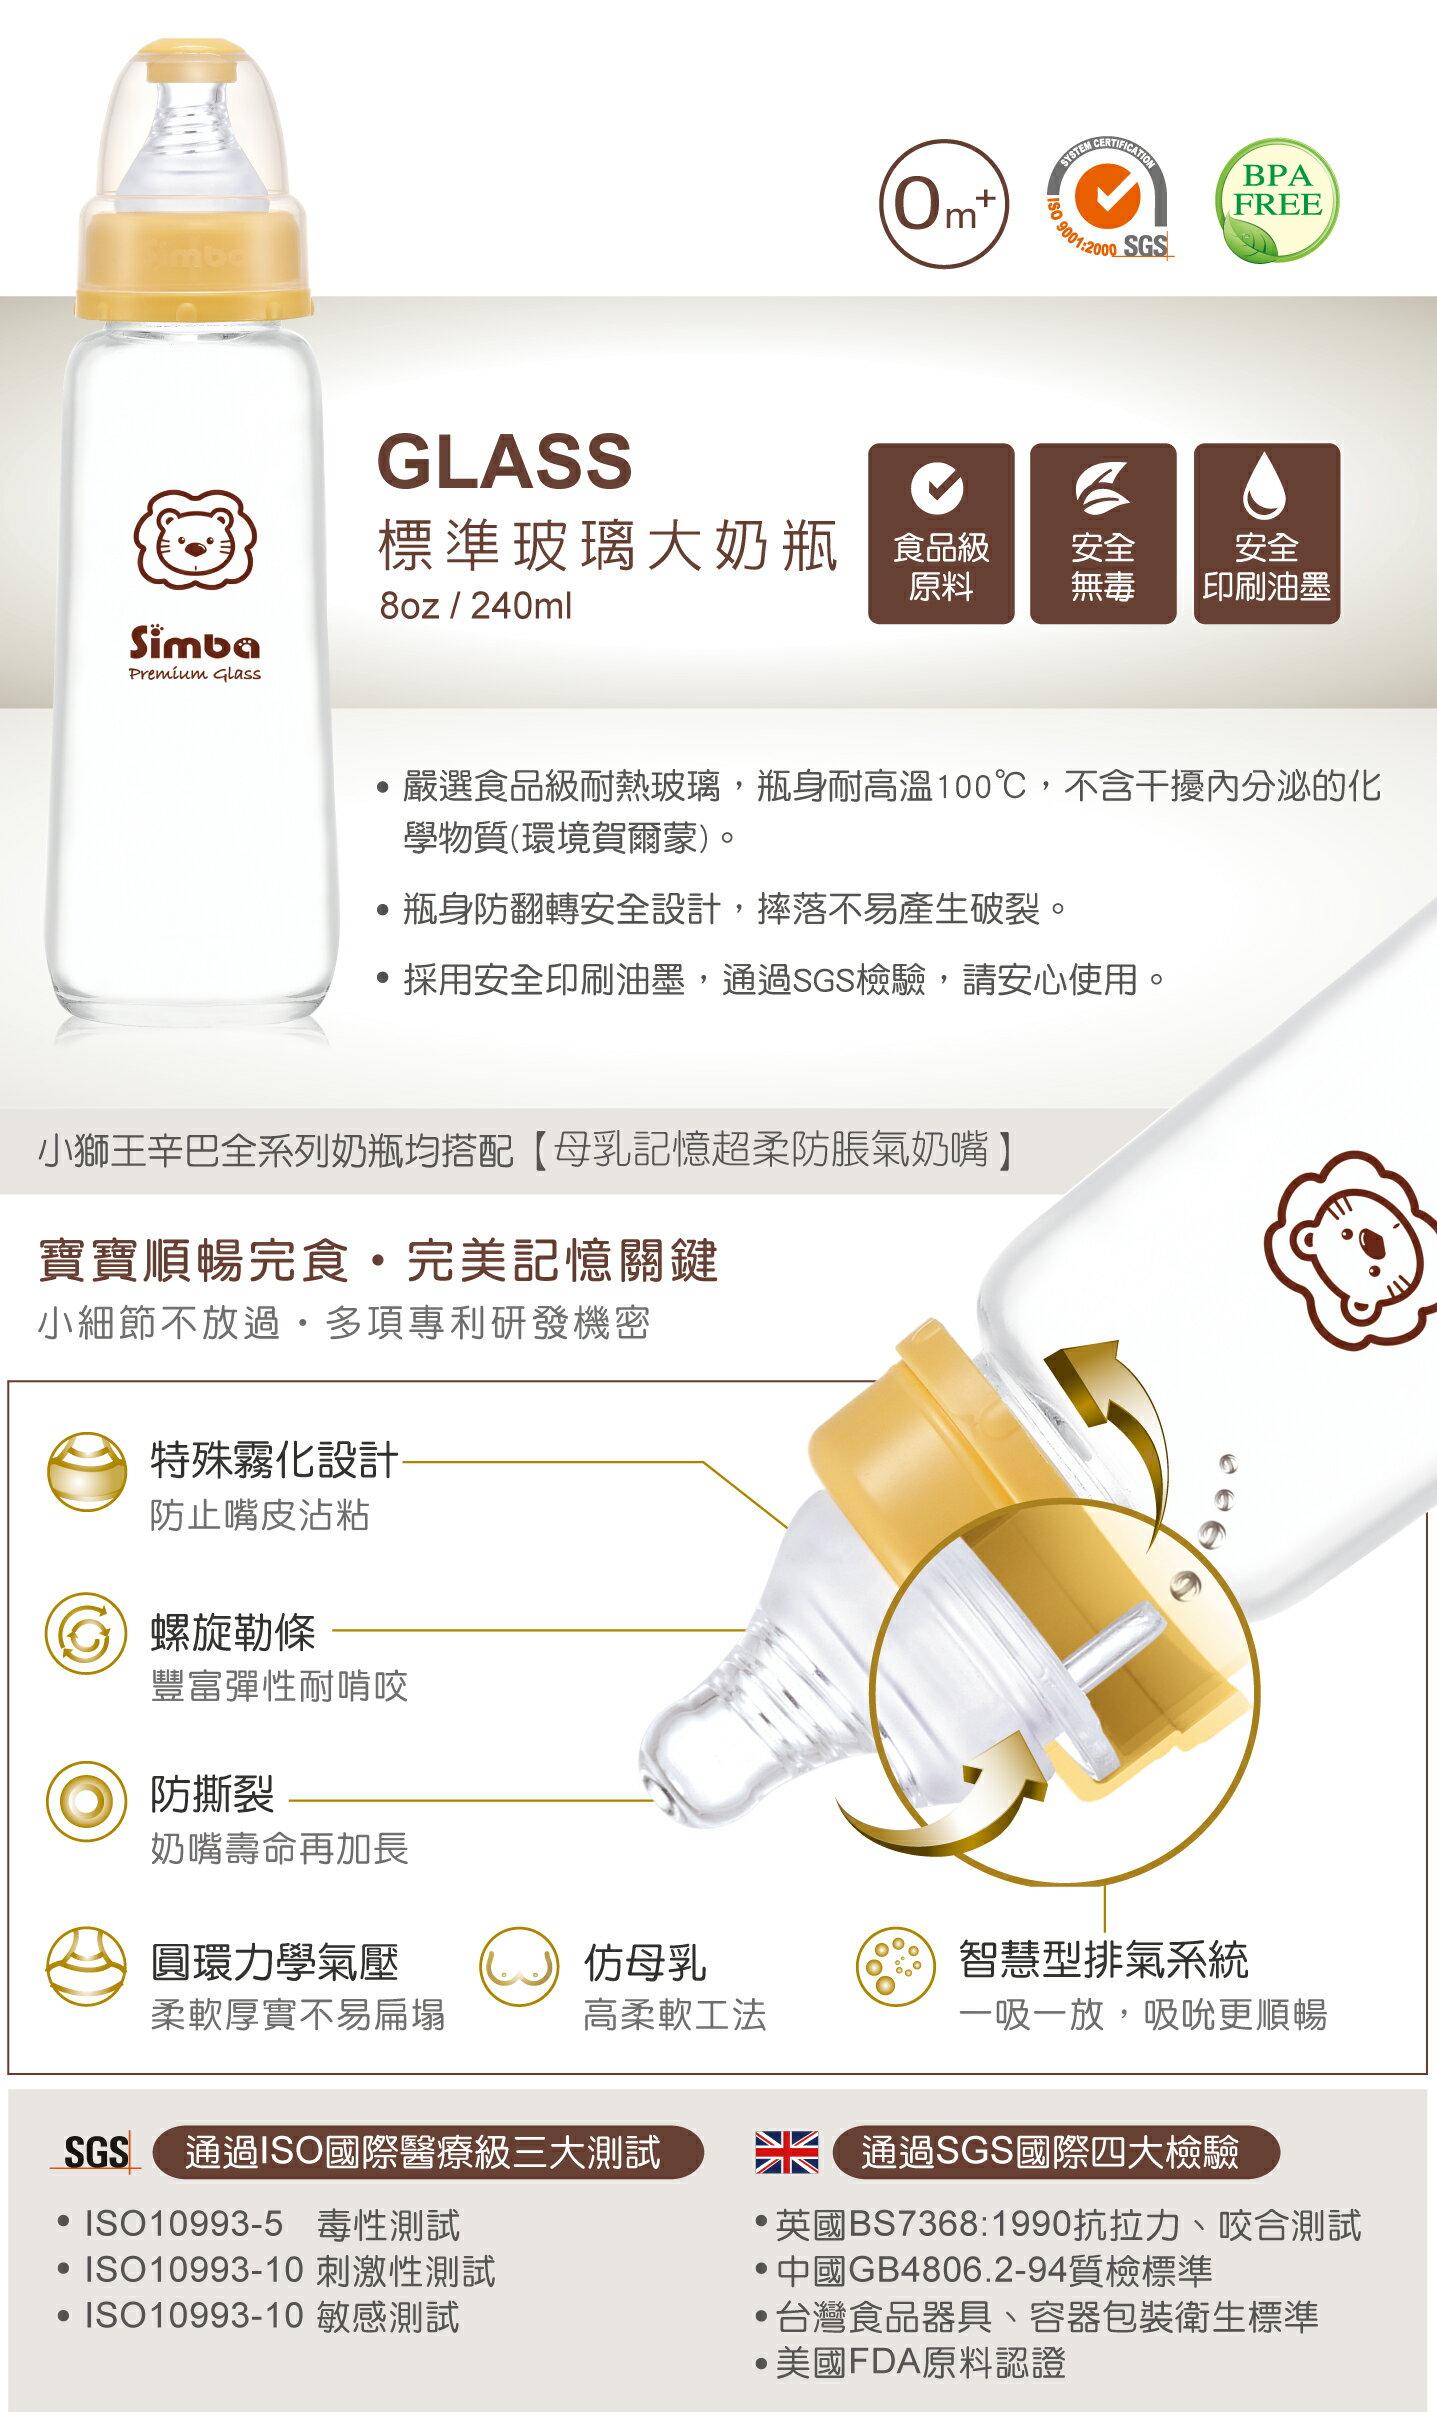 『121婦嬰用品館』 辛巴 標準玻璃大奶瓶240ml 4